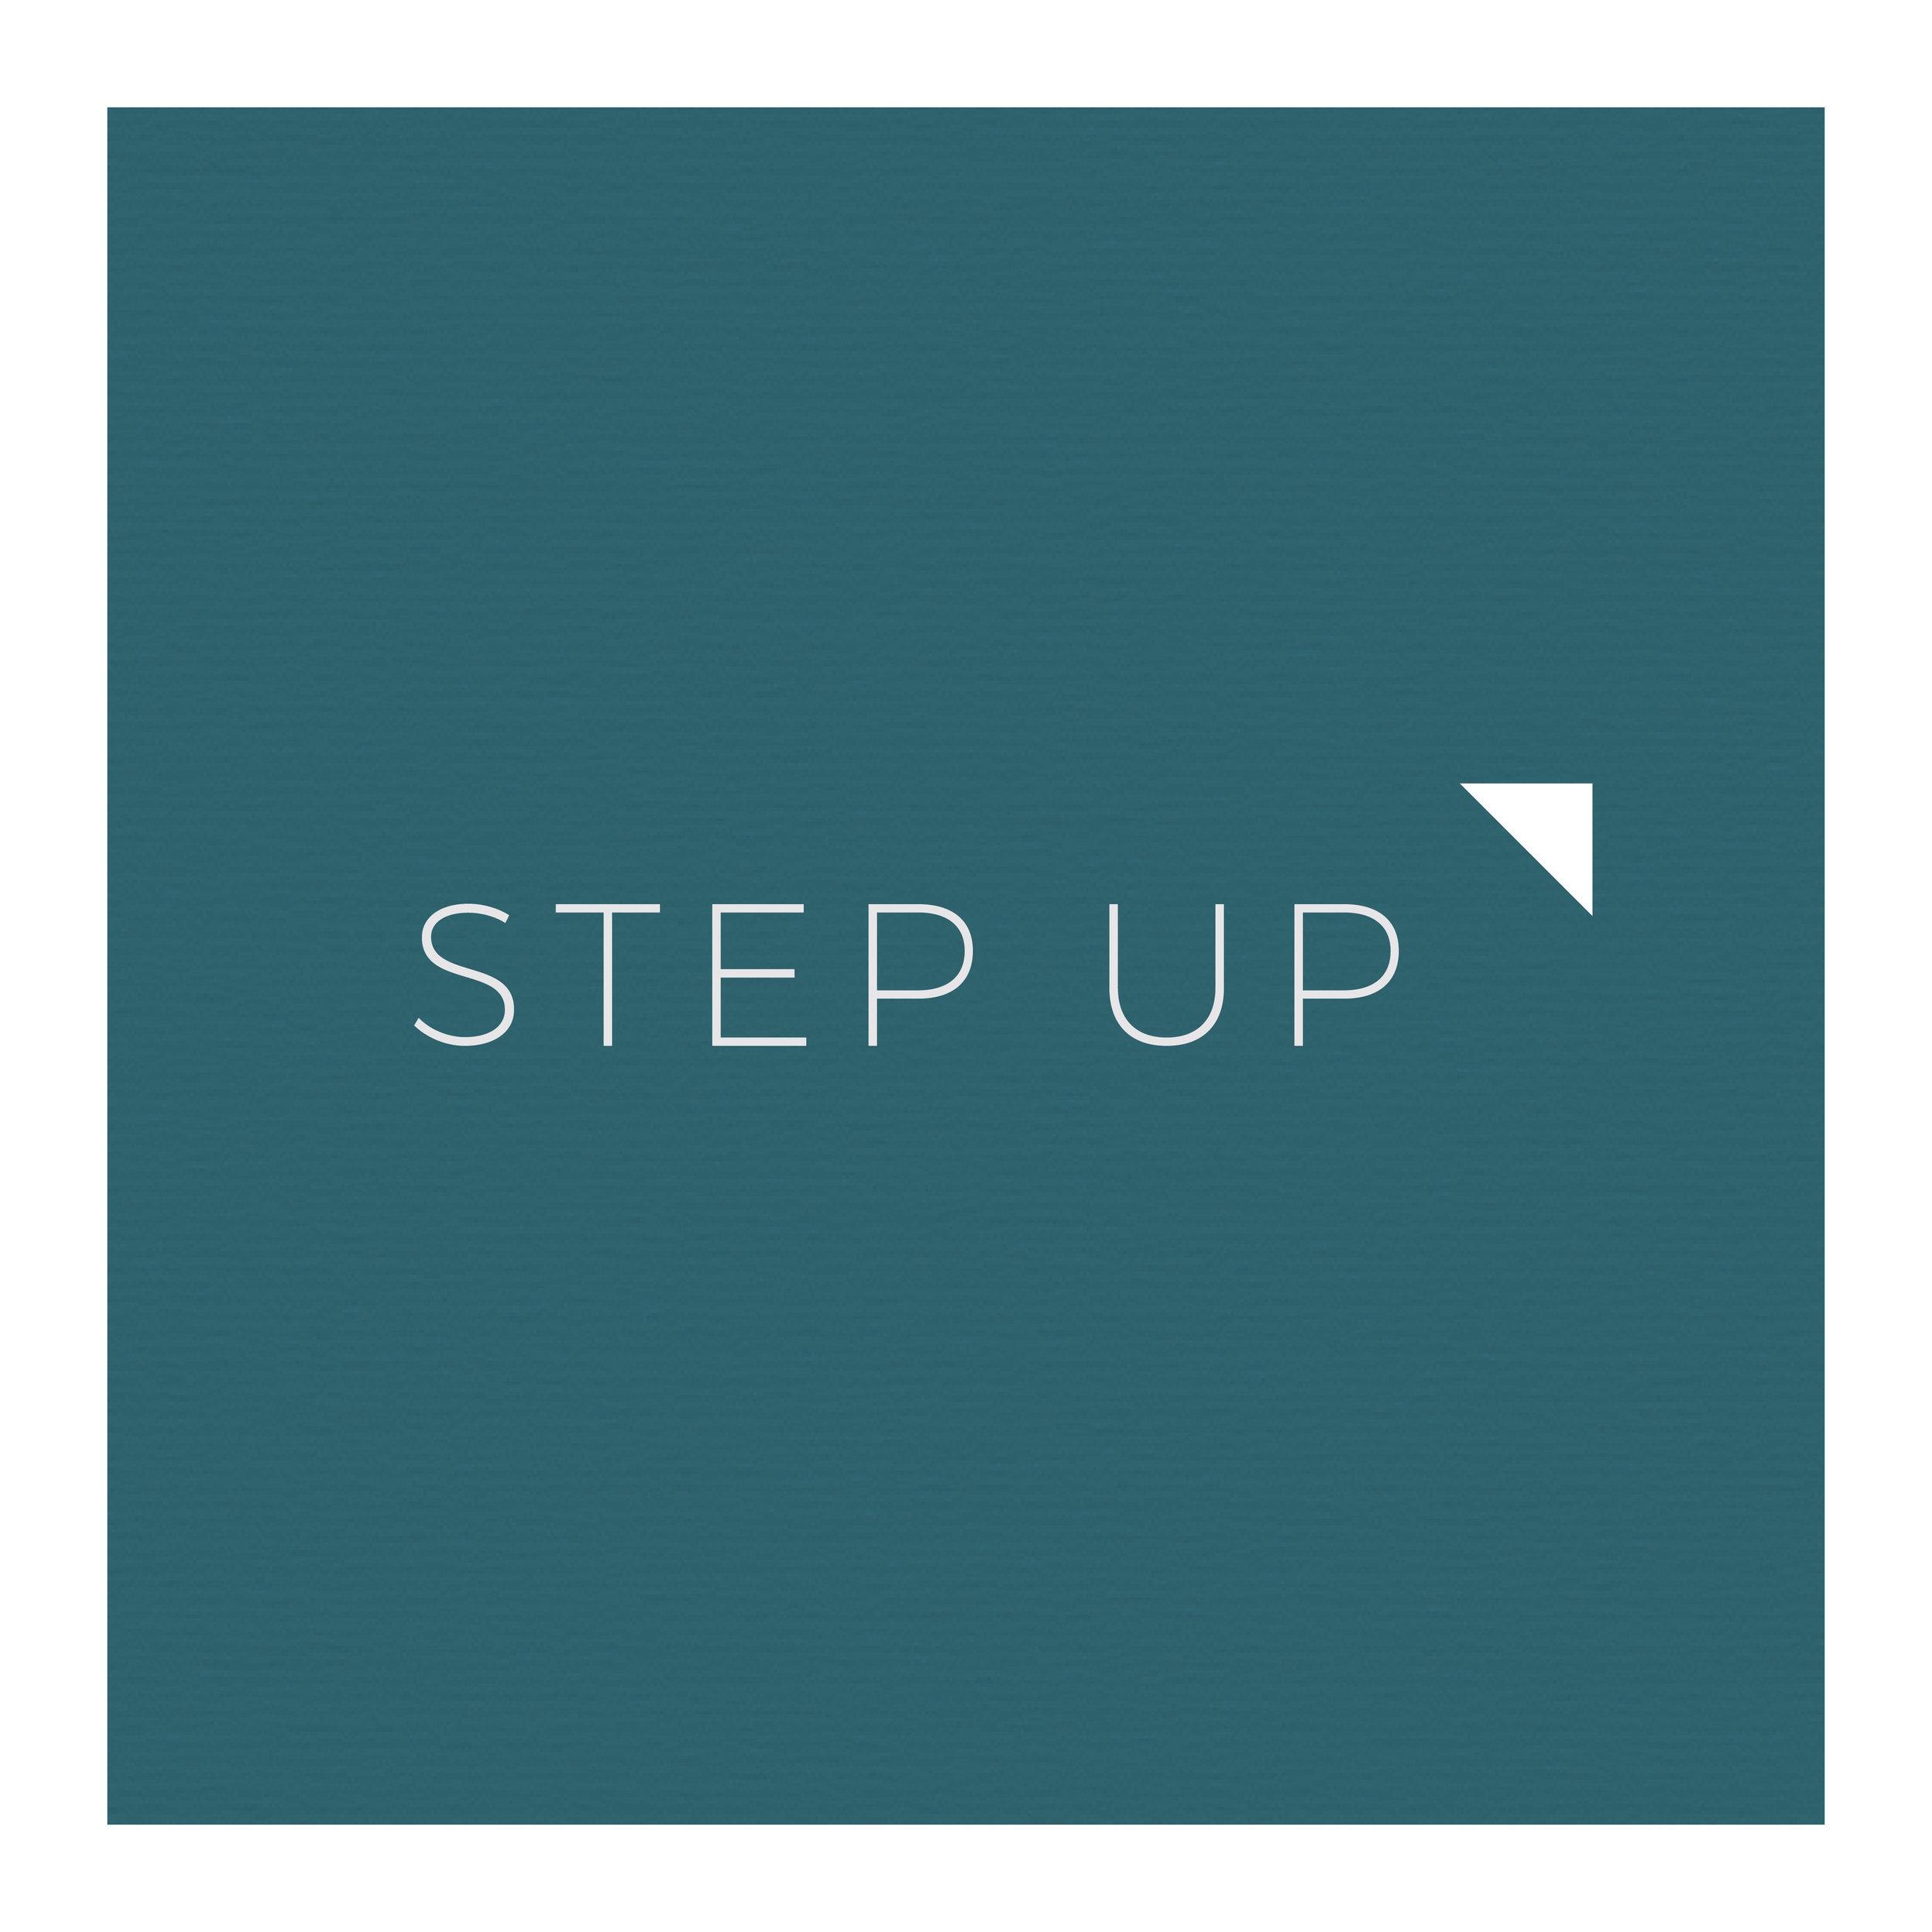 Step up Insta squares3.jpg